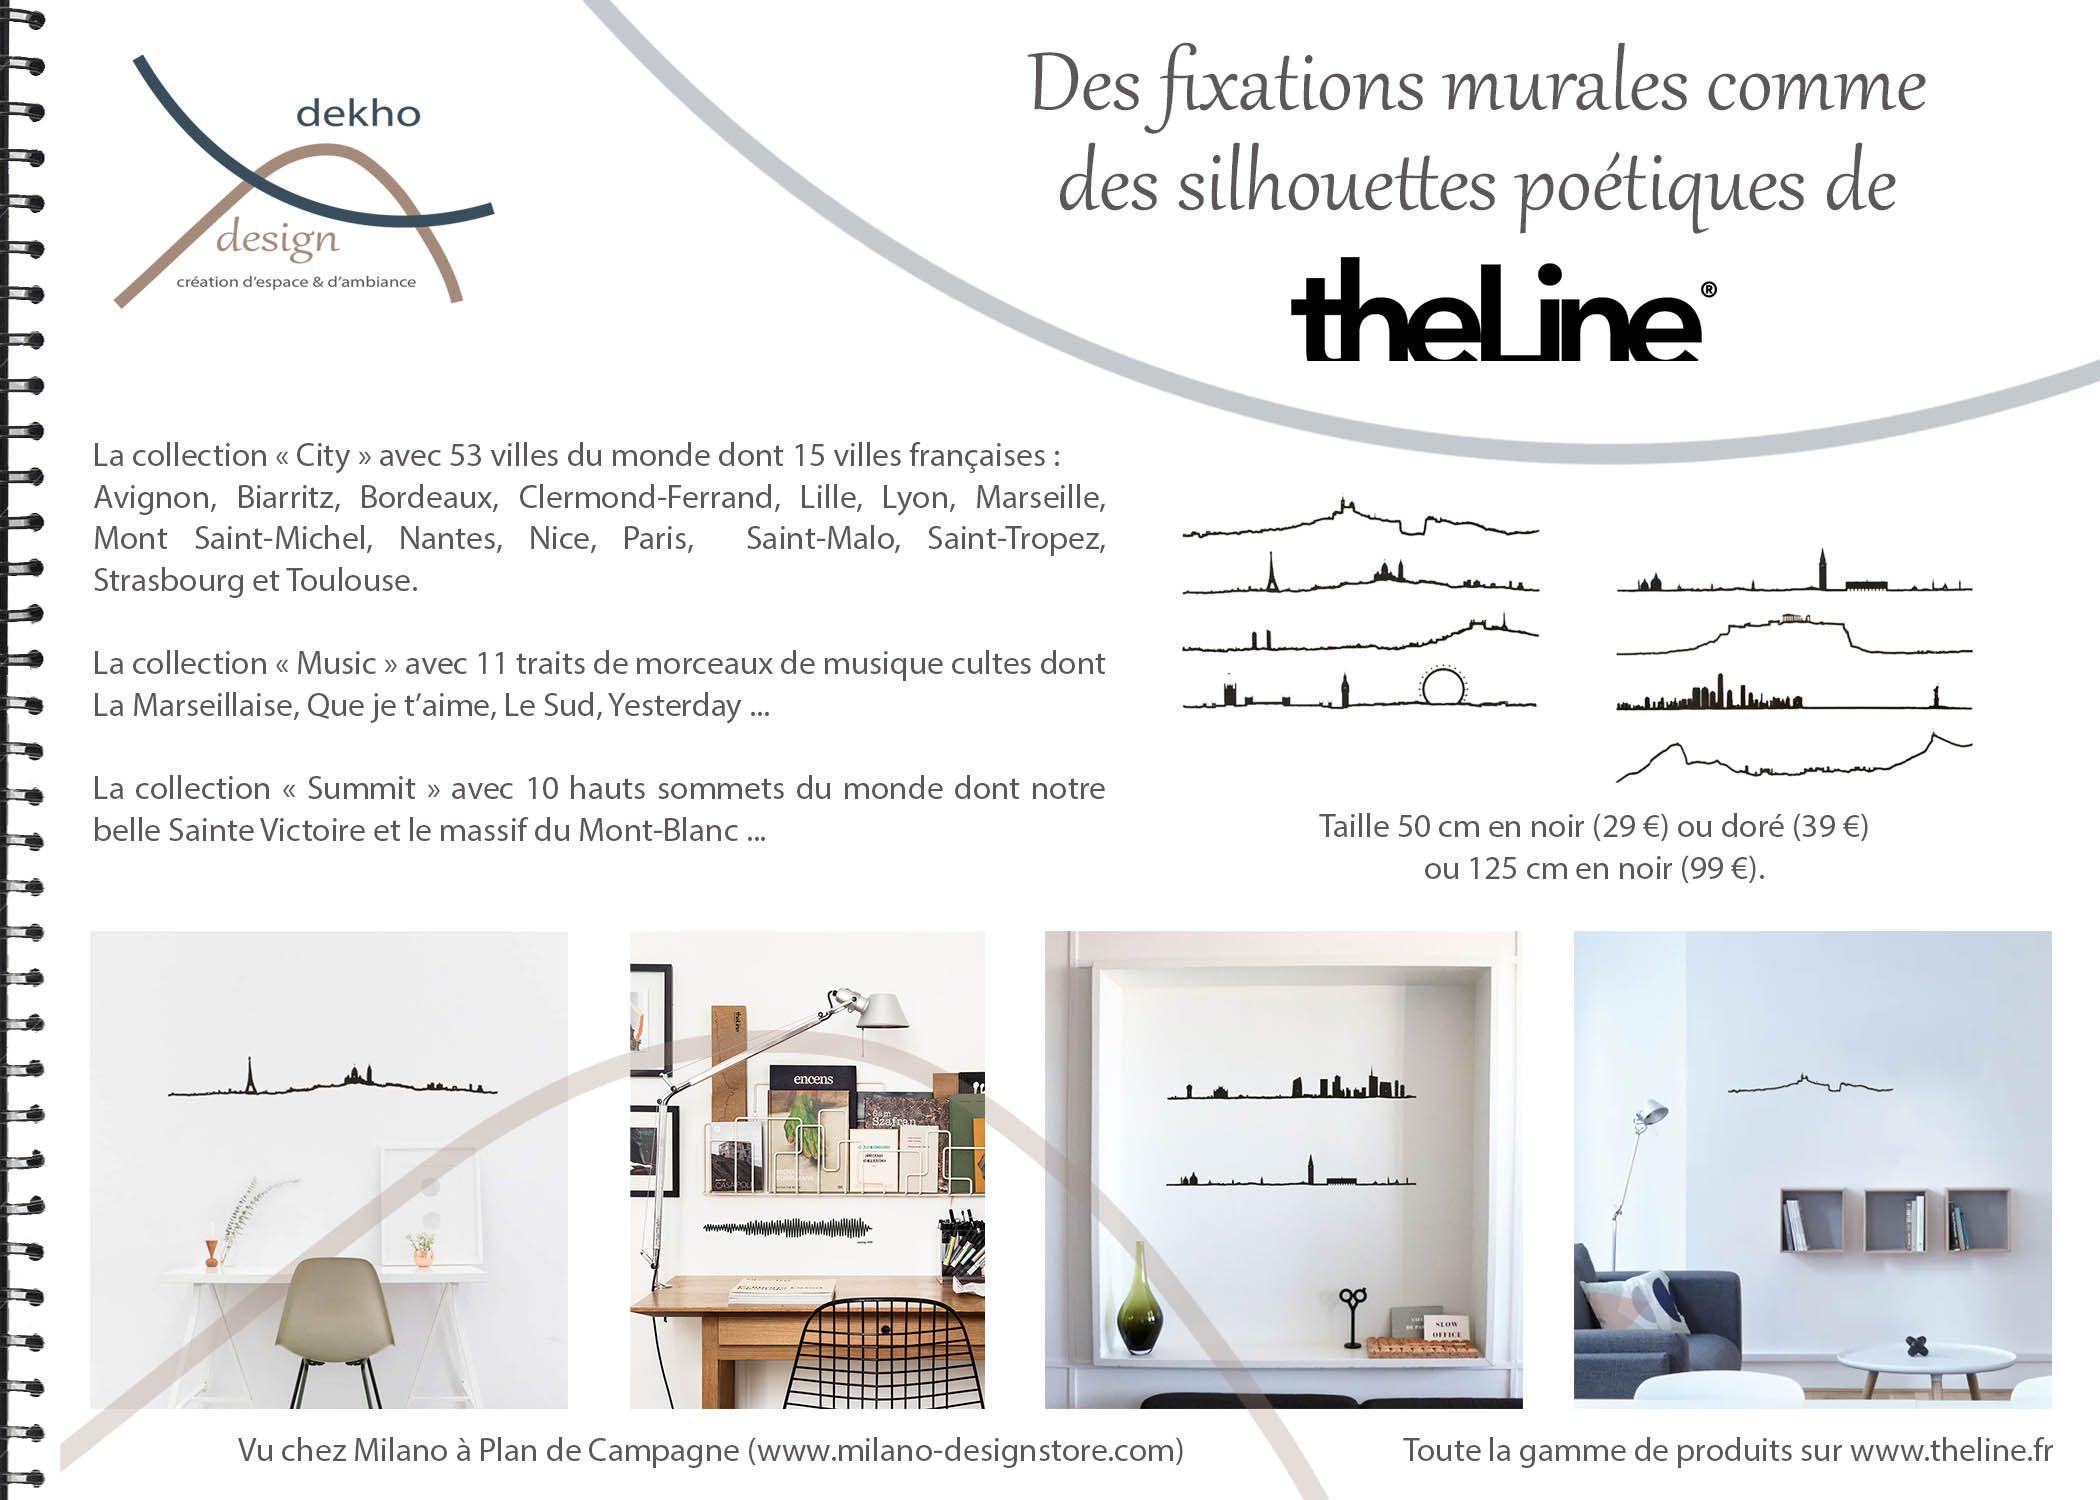 carnet d'intérieur-idées cadeaux-sélection the line-conseils-dekho design